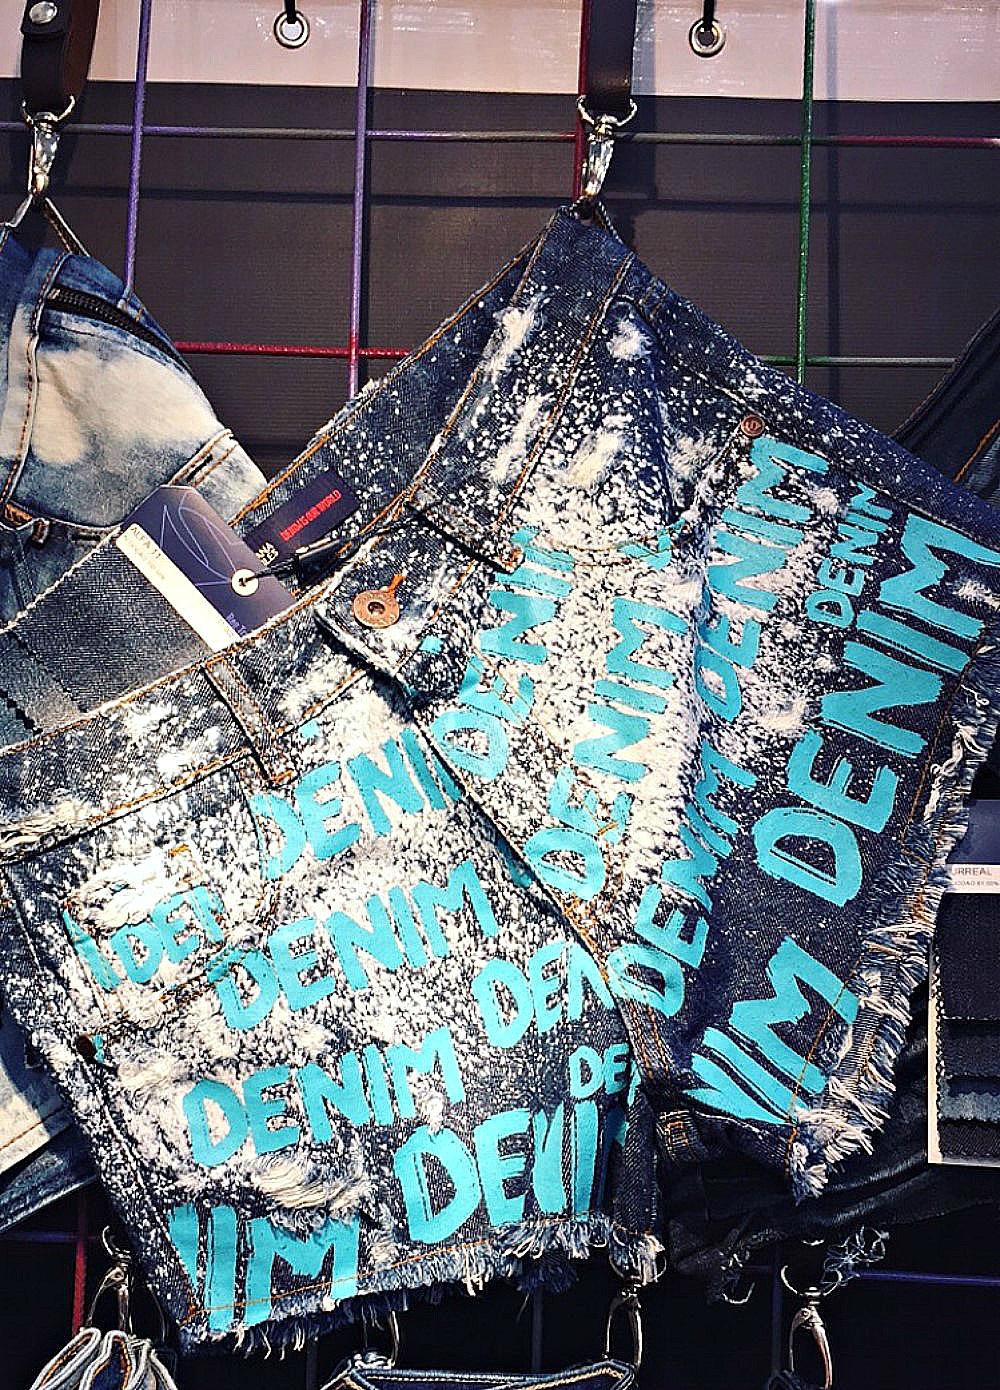 Contrastes entre Claro e Escuro serão vistos nas lojas - Peça Loco Serious Denim Santana Textiles